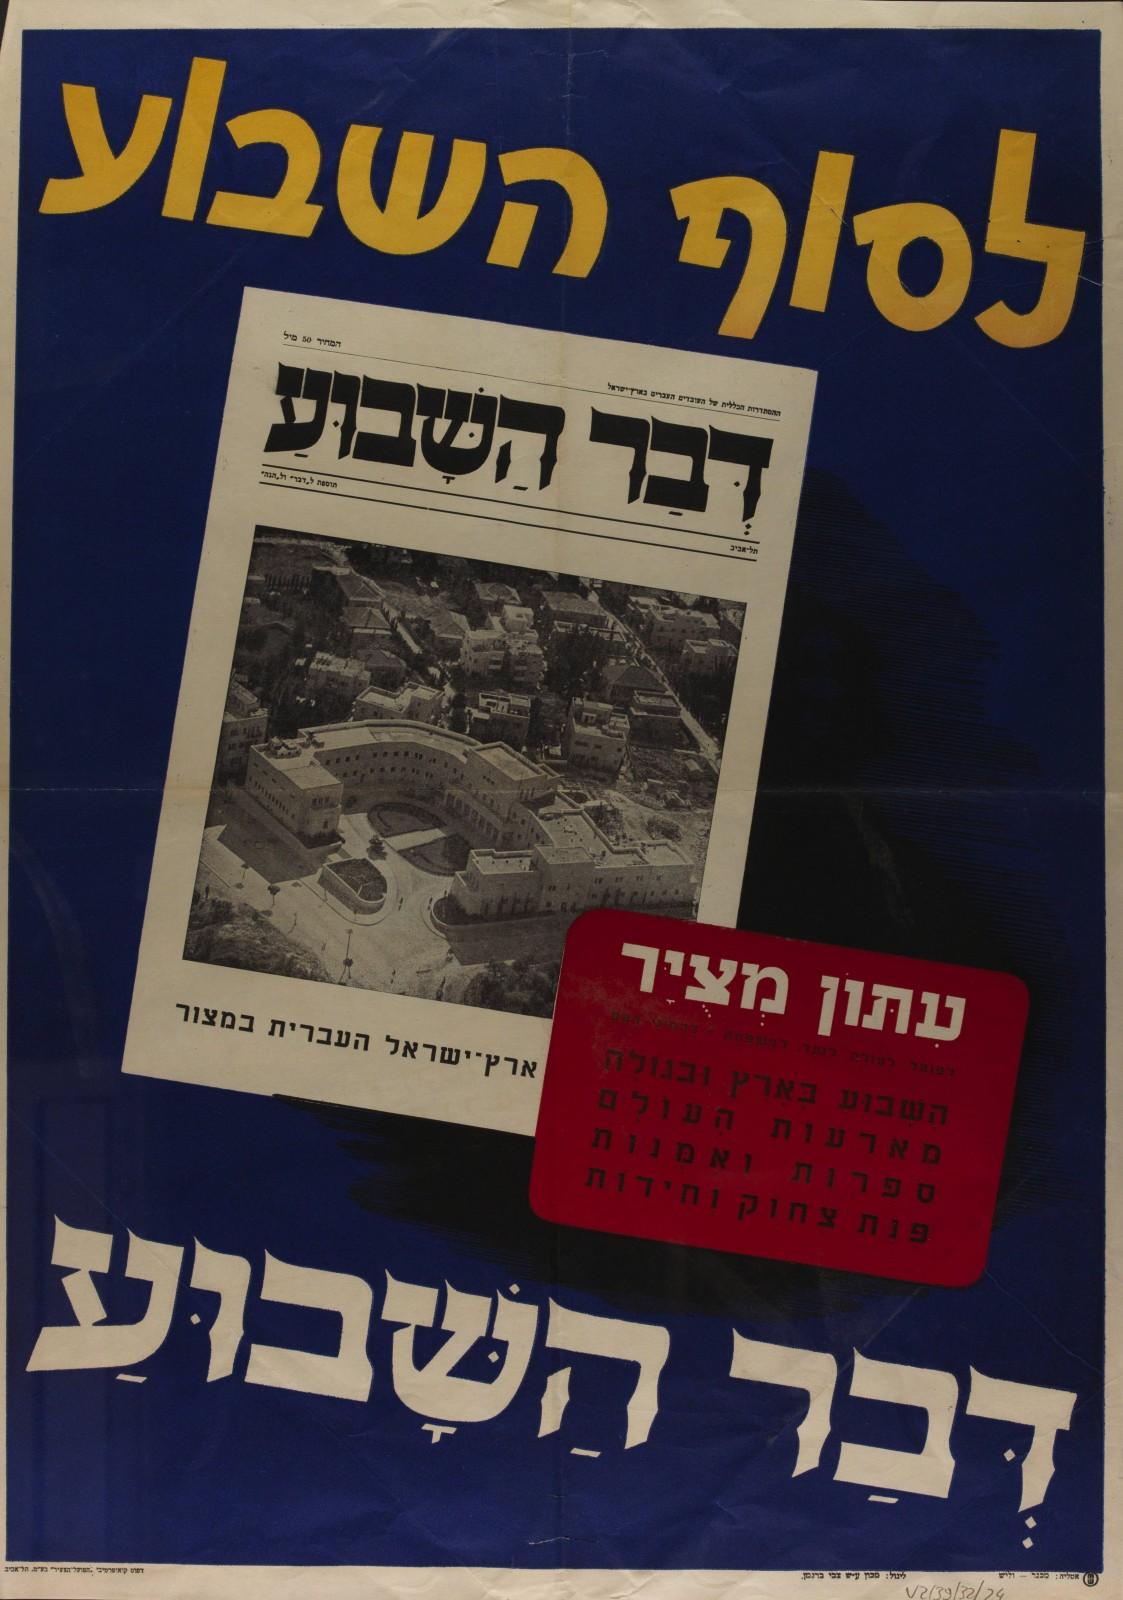 """כרזה לקידום מוסף """"דבר השבוע"""", יולי 1946 (אוסף הכרזות של הספרייה הלאומית)"""